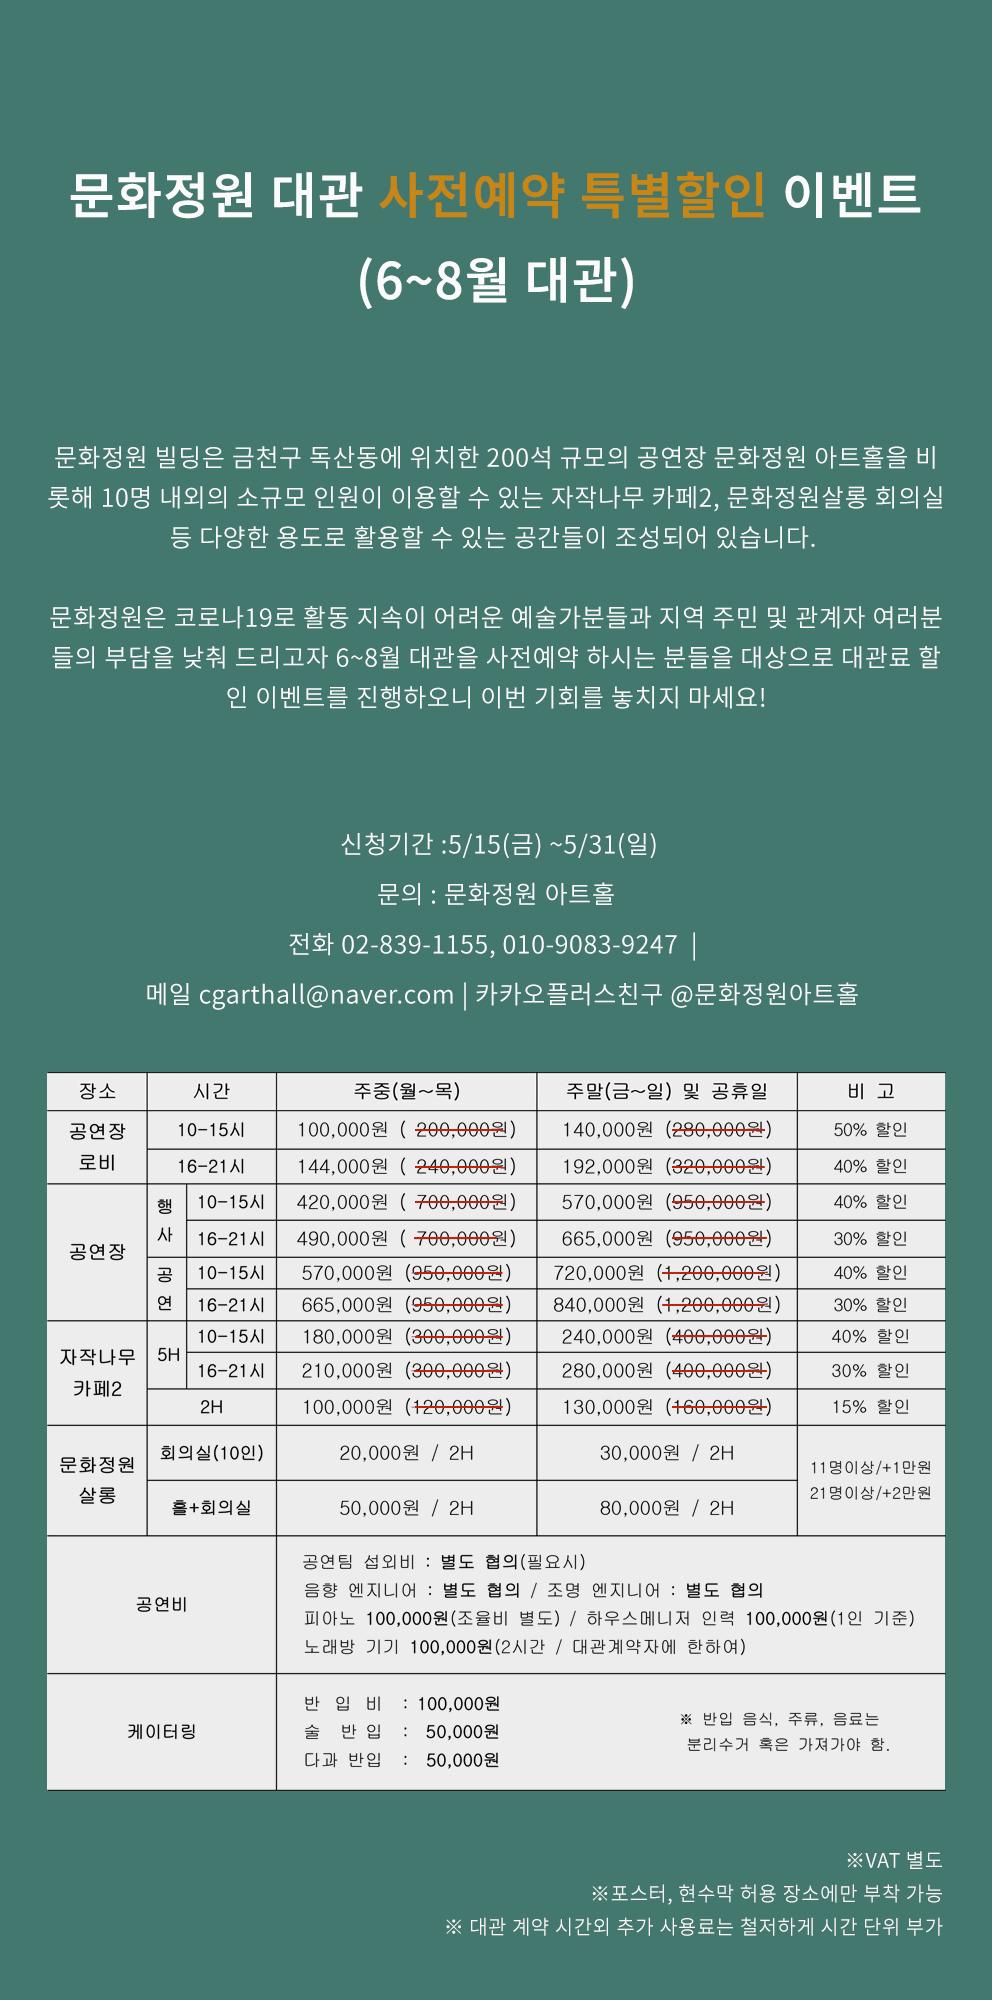 공연장 대관료 할인 이벤트_수정2.jpg